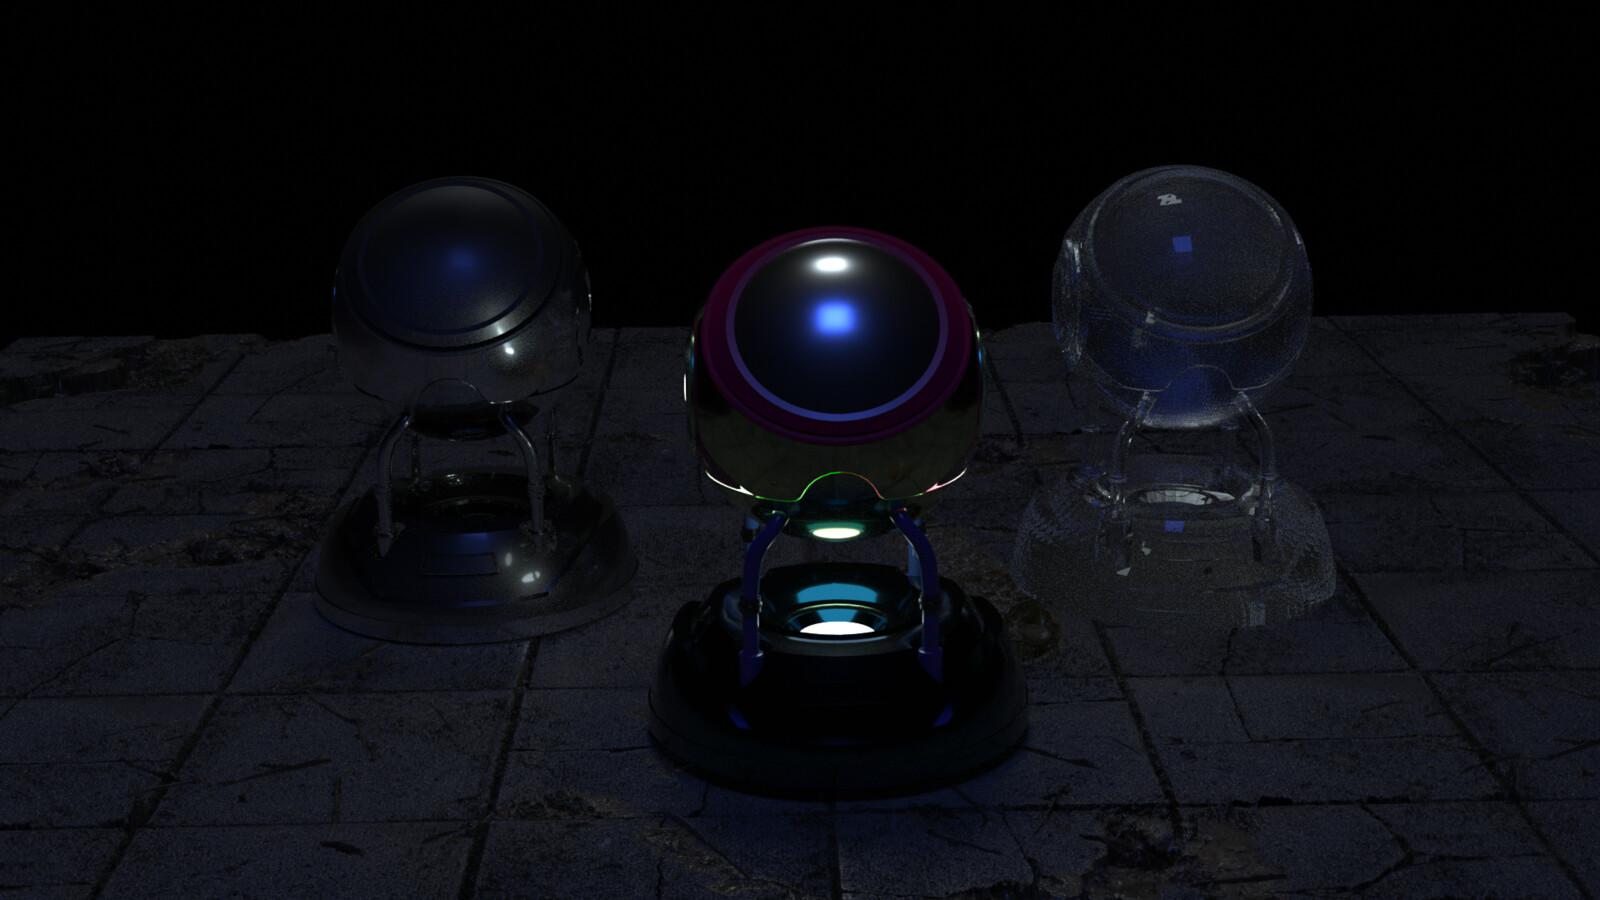 Octane Prime render  Metal / Custom / Specular shaders